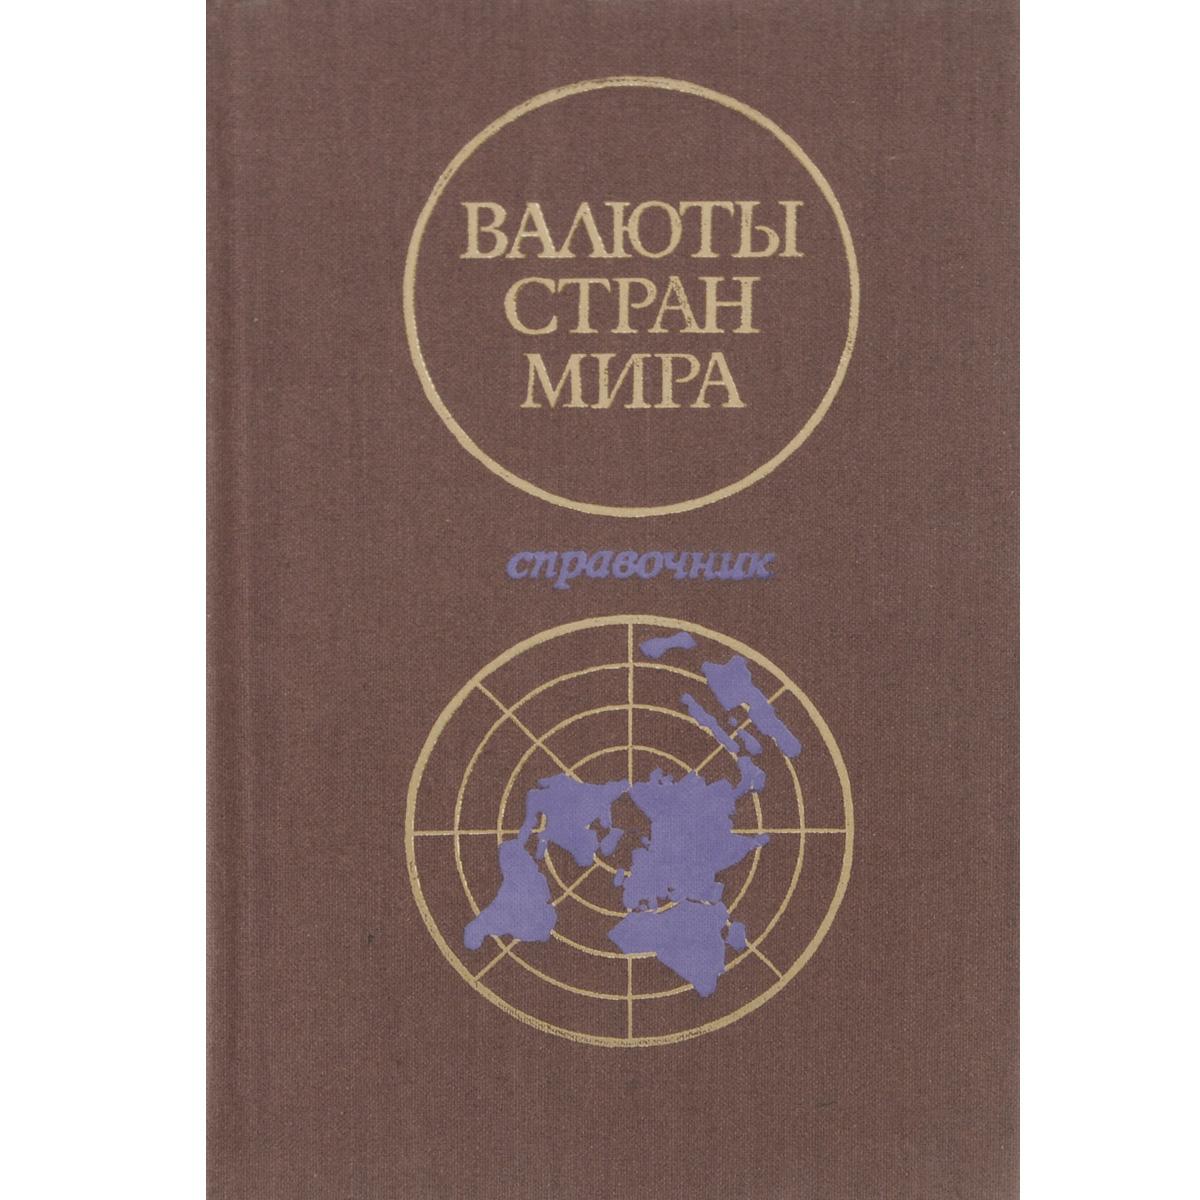 Валюты стран мира. Справочник